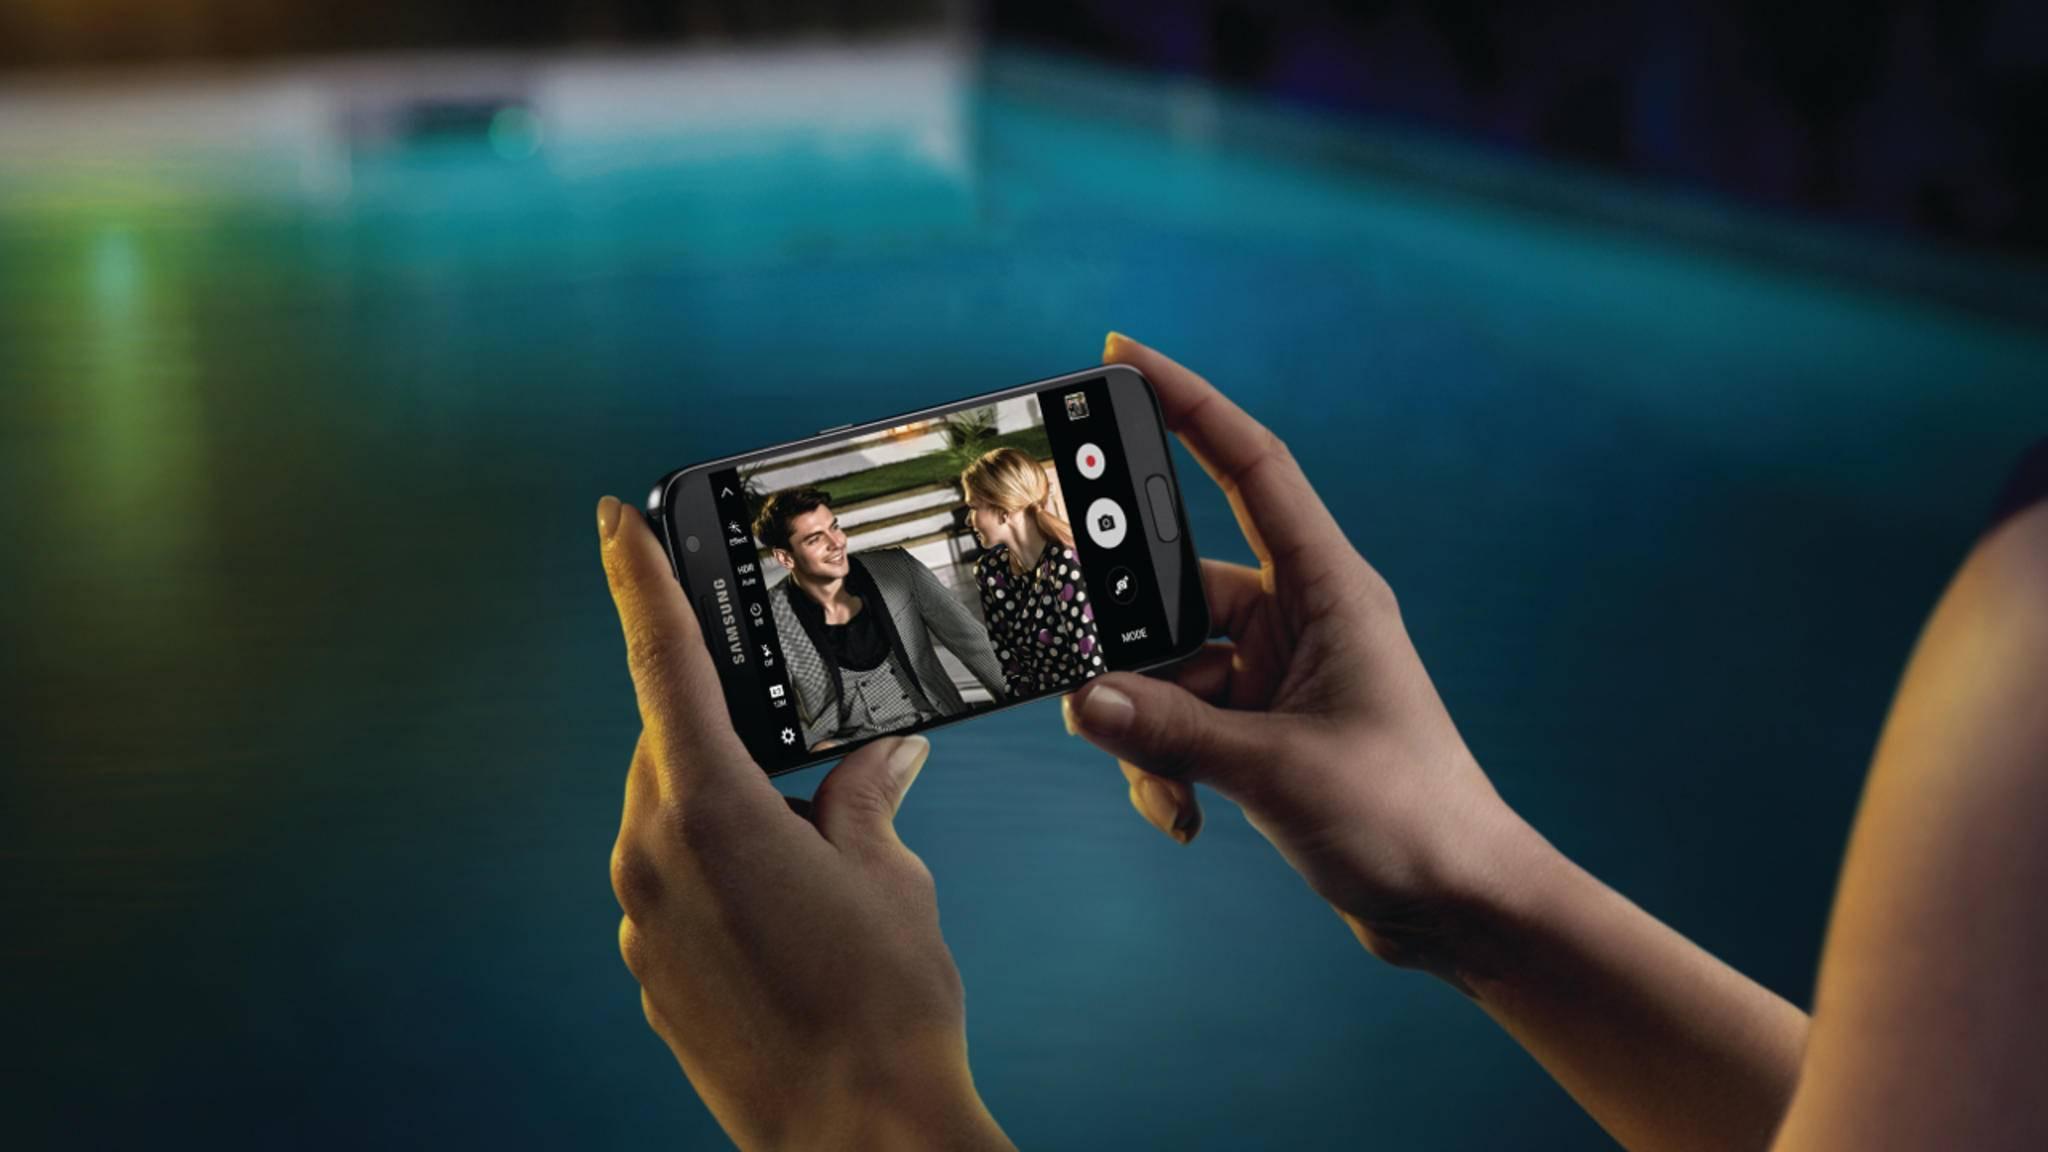 Der Rollout von Android 7.0 Nougat für das Galaxy S7 ist gestartet.